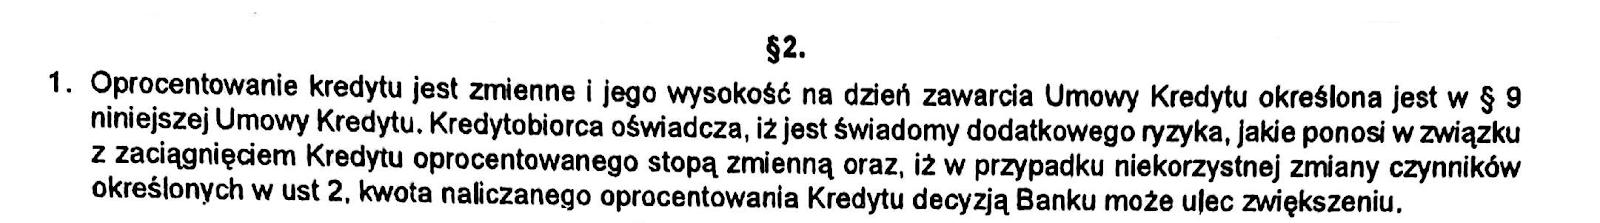 db abuz1.png